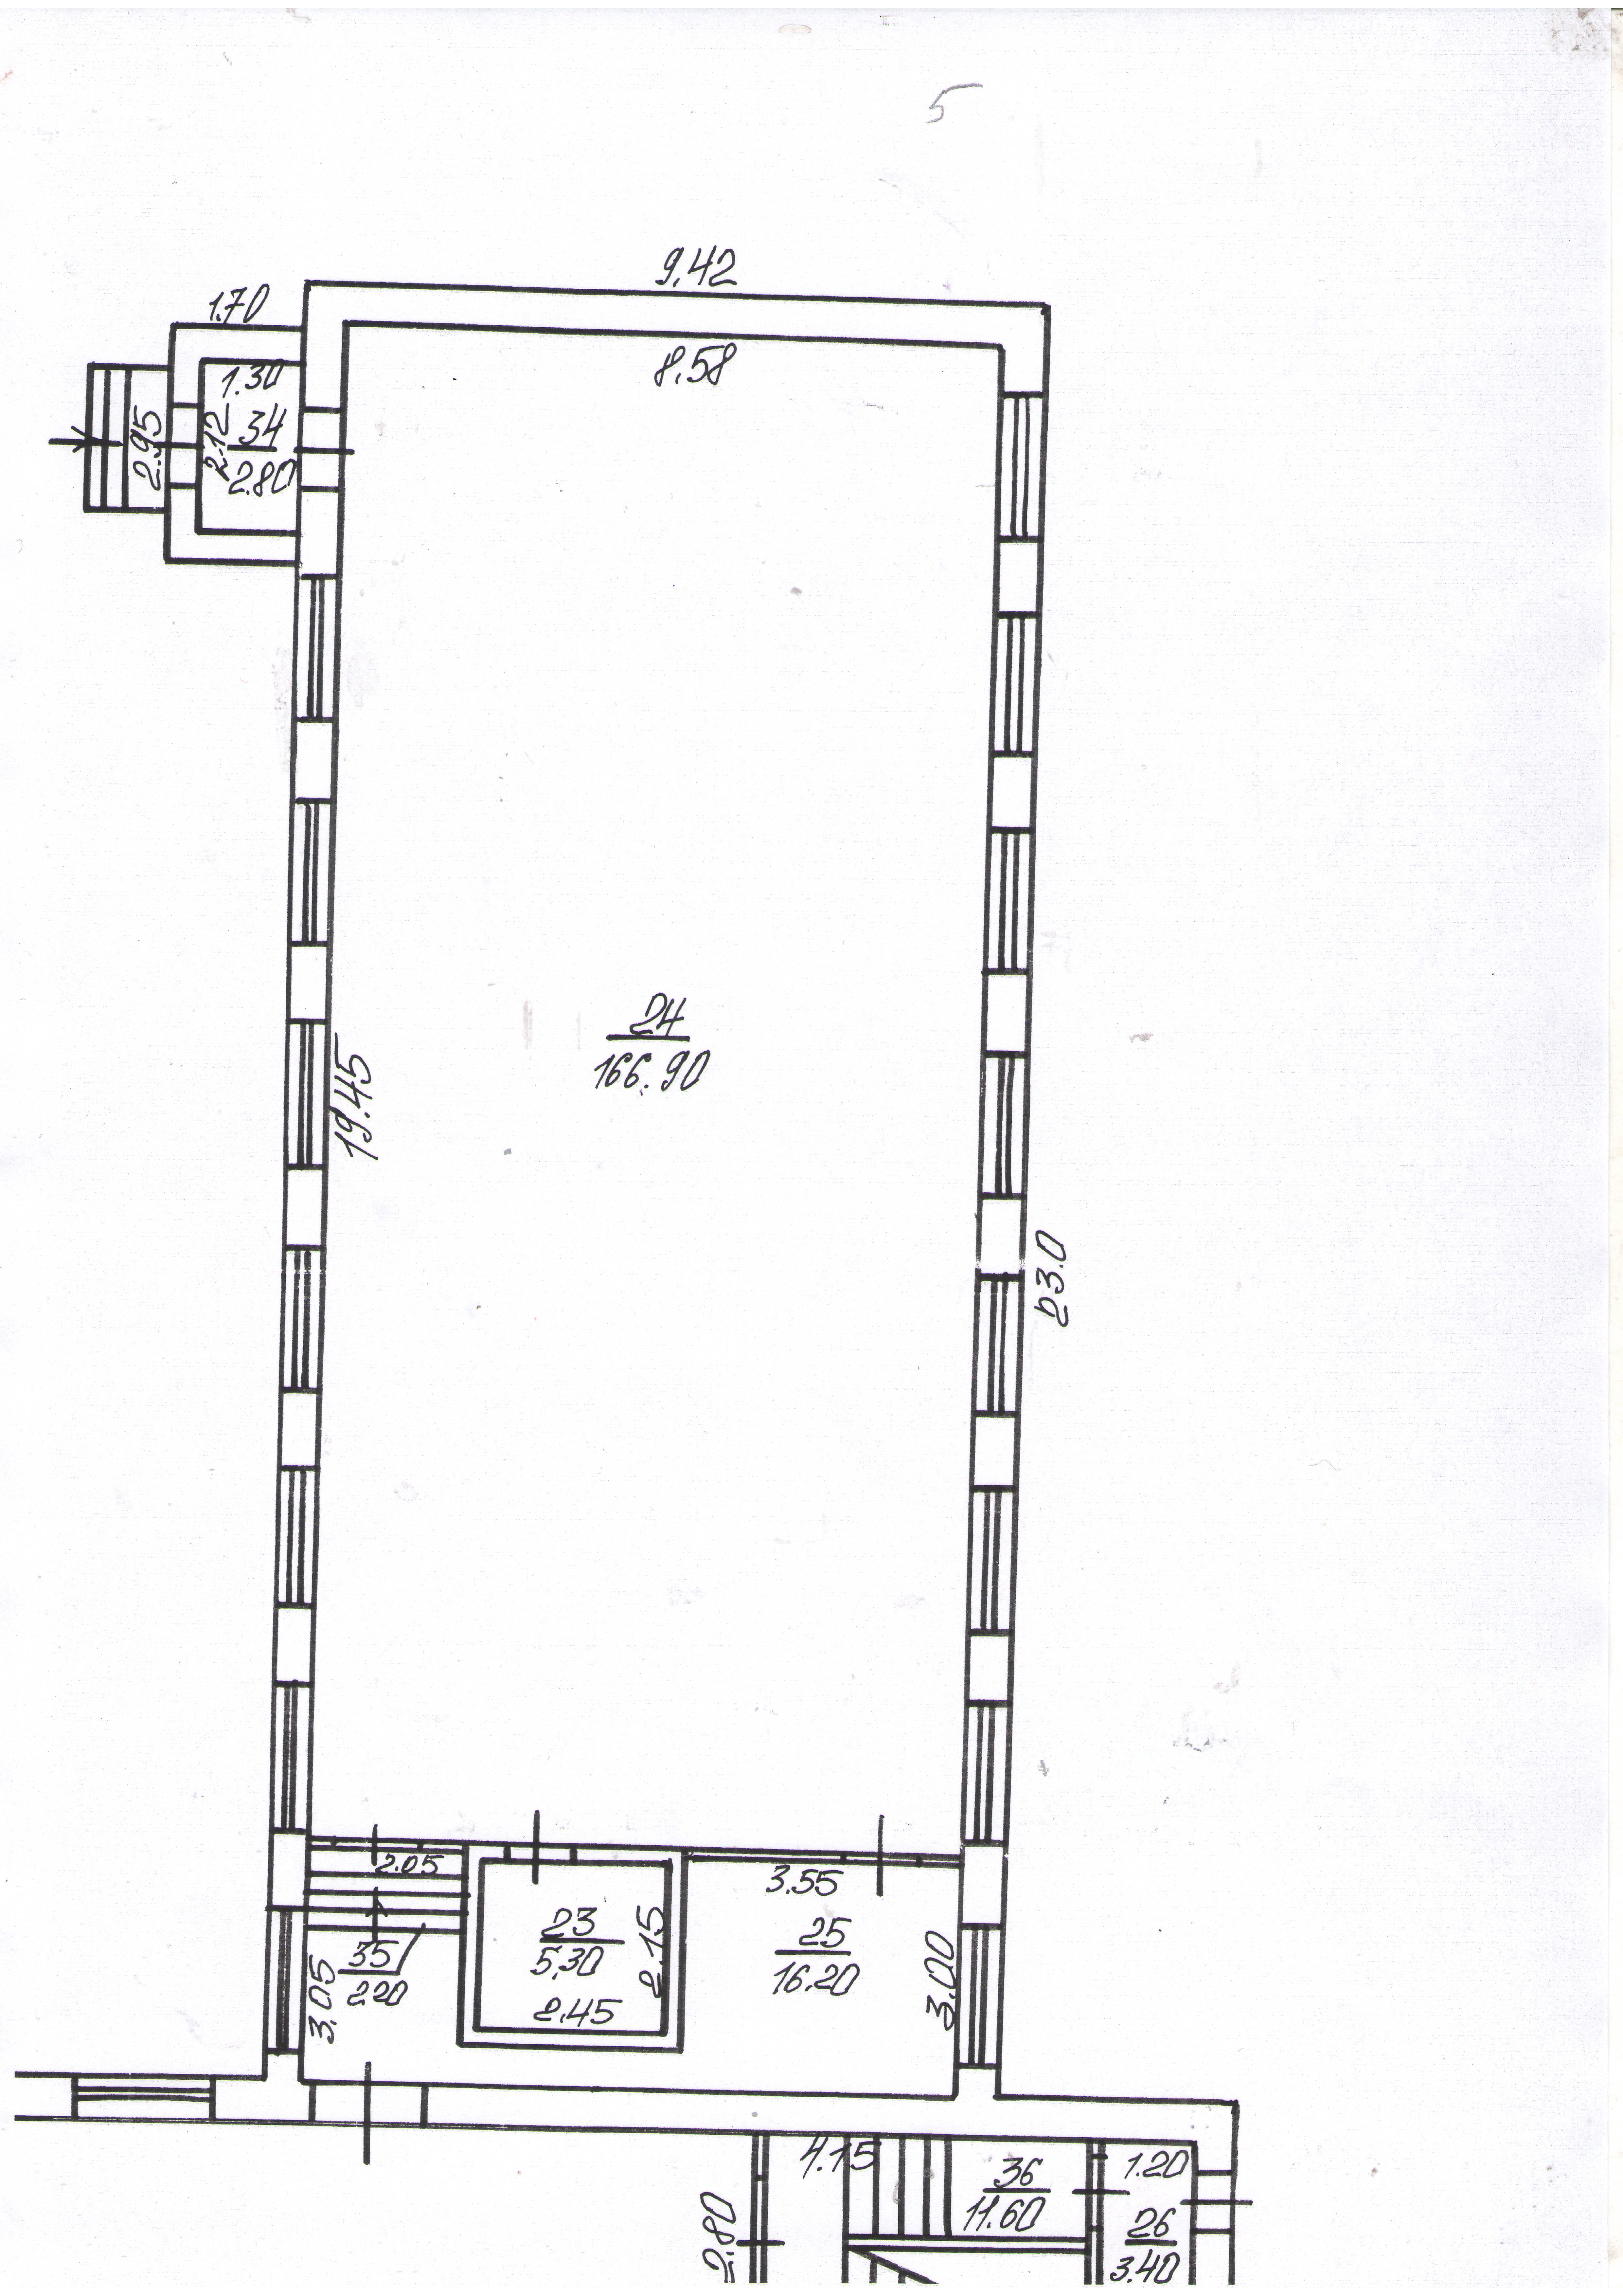 Нежитлове приміщення (спортзал), розташоване за адресою: 84391, Донецька обл., м. Краматорськ, вул. Волховська, 1, загальною площею 166,9 м.кв., на першому поверсі ЗОШ № 30